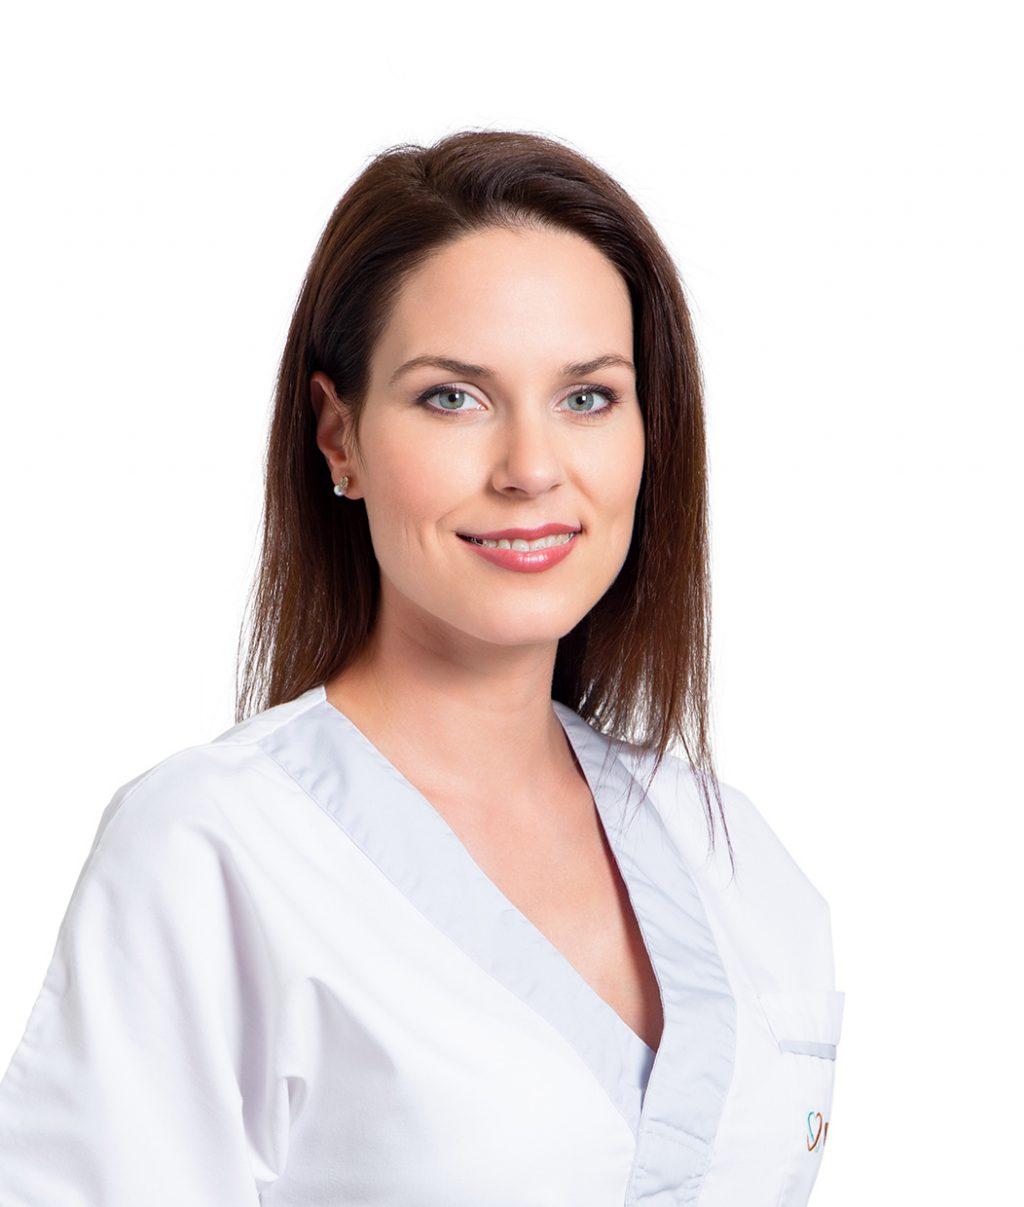 dr. Csillag Eszter